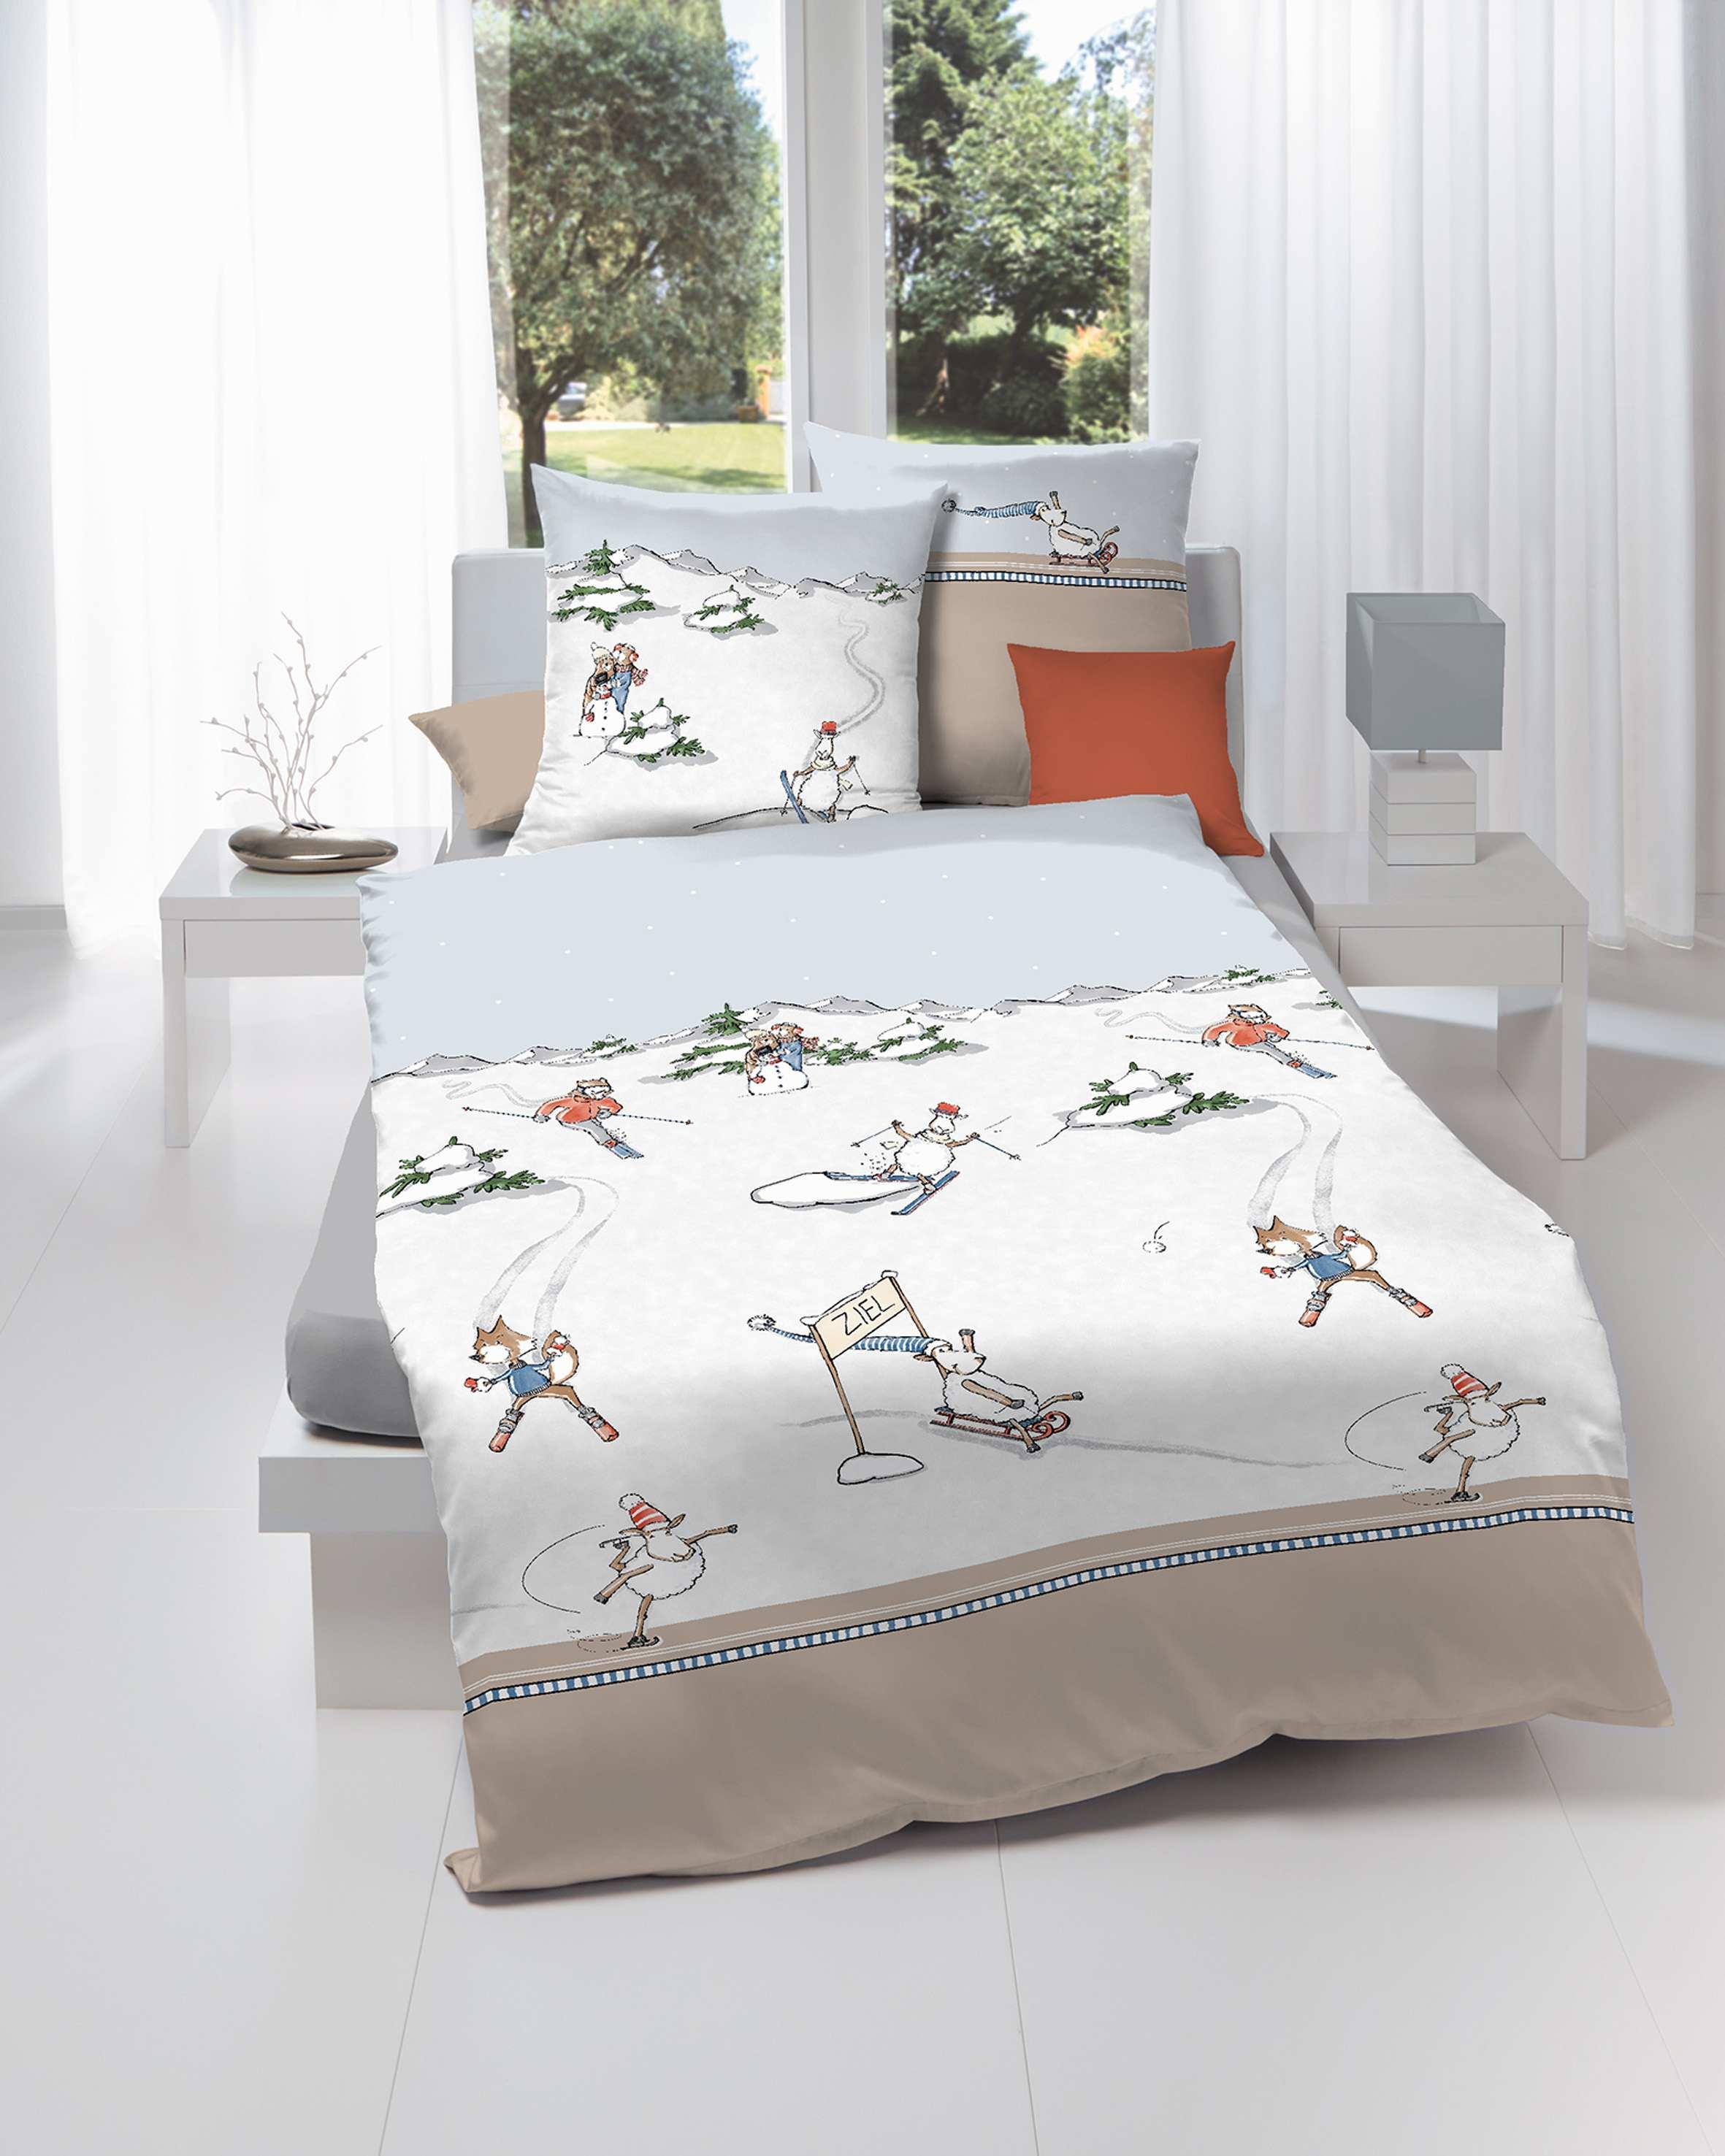 biber bettw sche weihnachten ski naturfarben marken qualit t g nstig. Black Bedroom Furniture Sets. Home Design Ideas